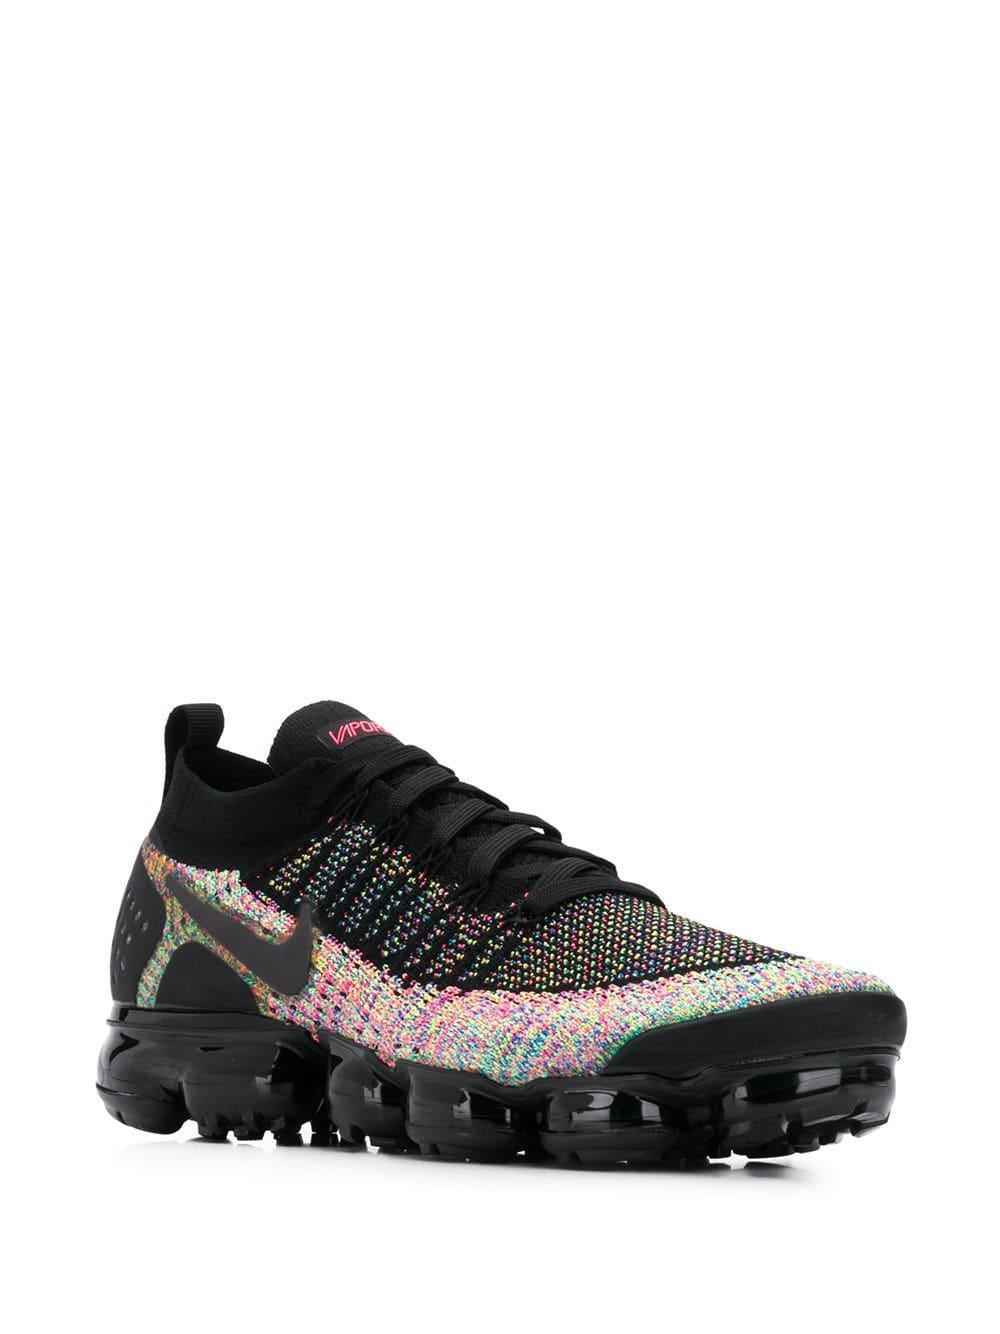 4f85c755e8 Lyst - Nike Vapormax Flyknit 2 Sneakers in Black for Men